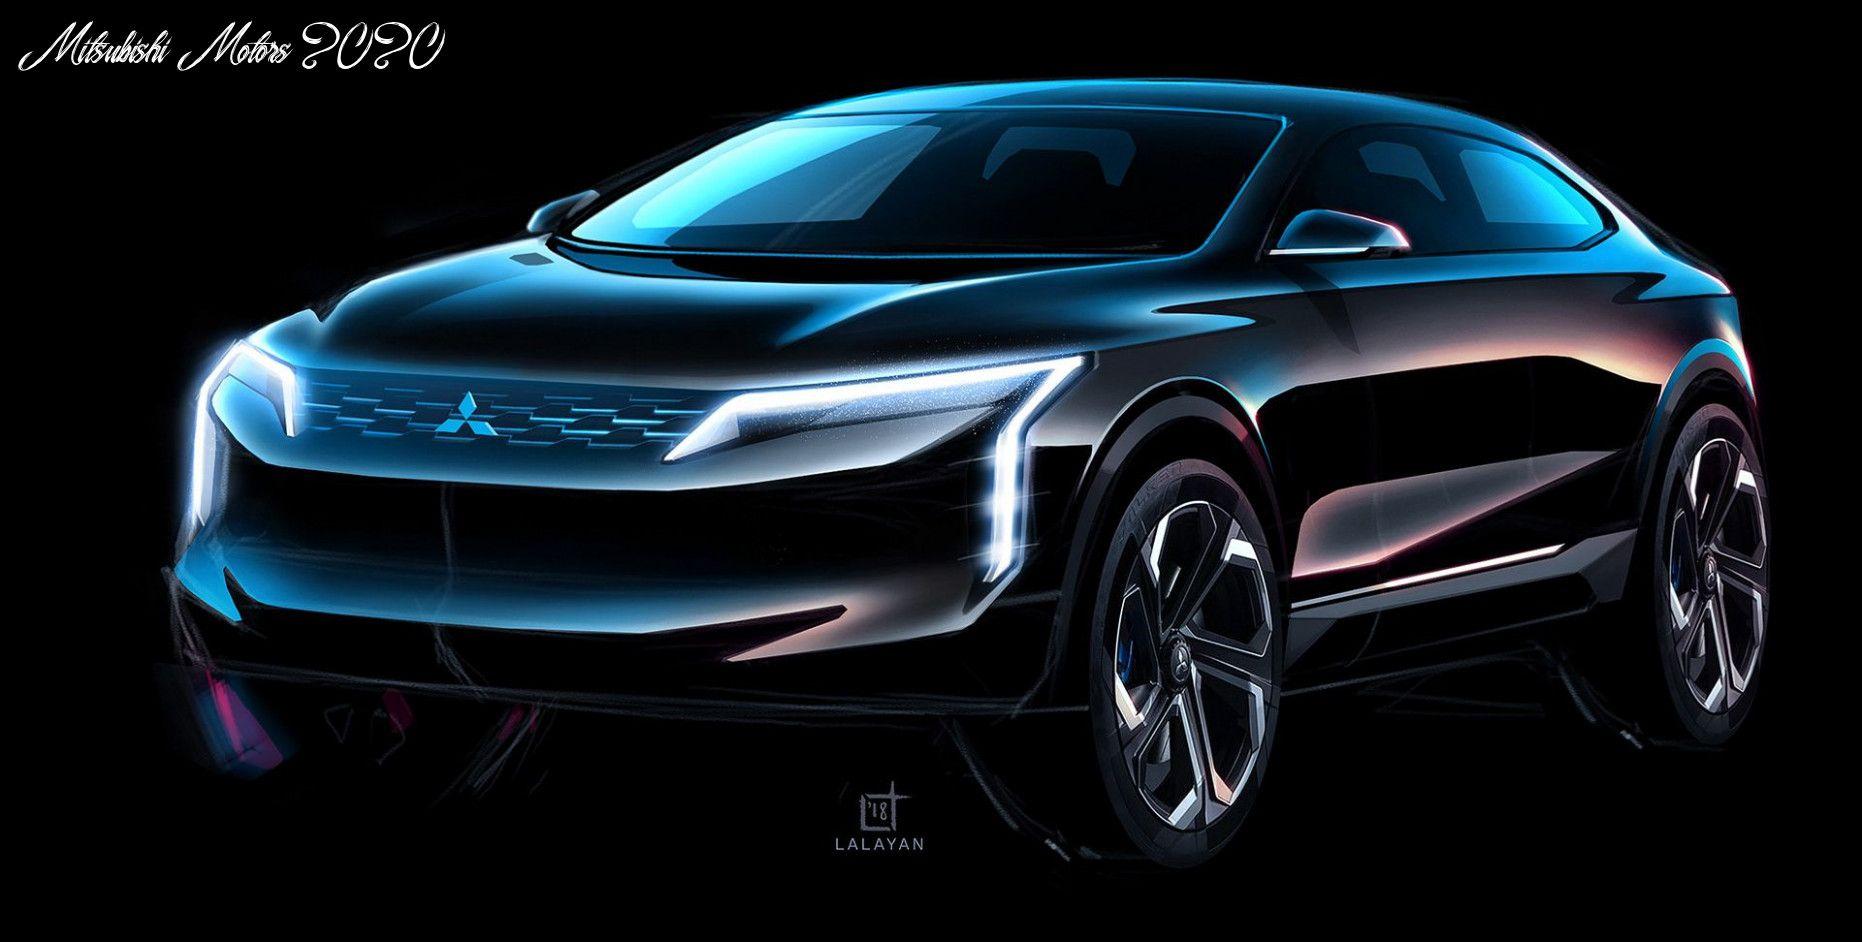 Mitsubishi Motors 2020 Model In 2020 Mitsubishi Cars Mitsubishi Lancer Mitsubishi Evo